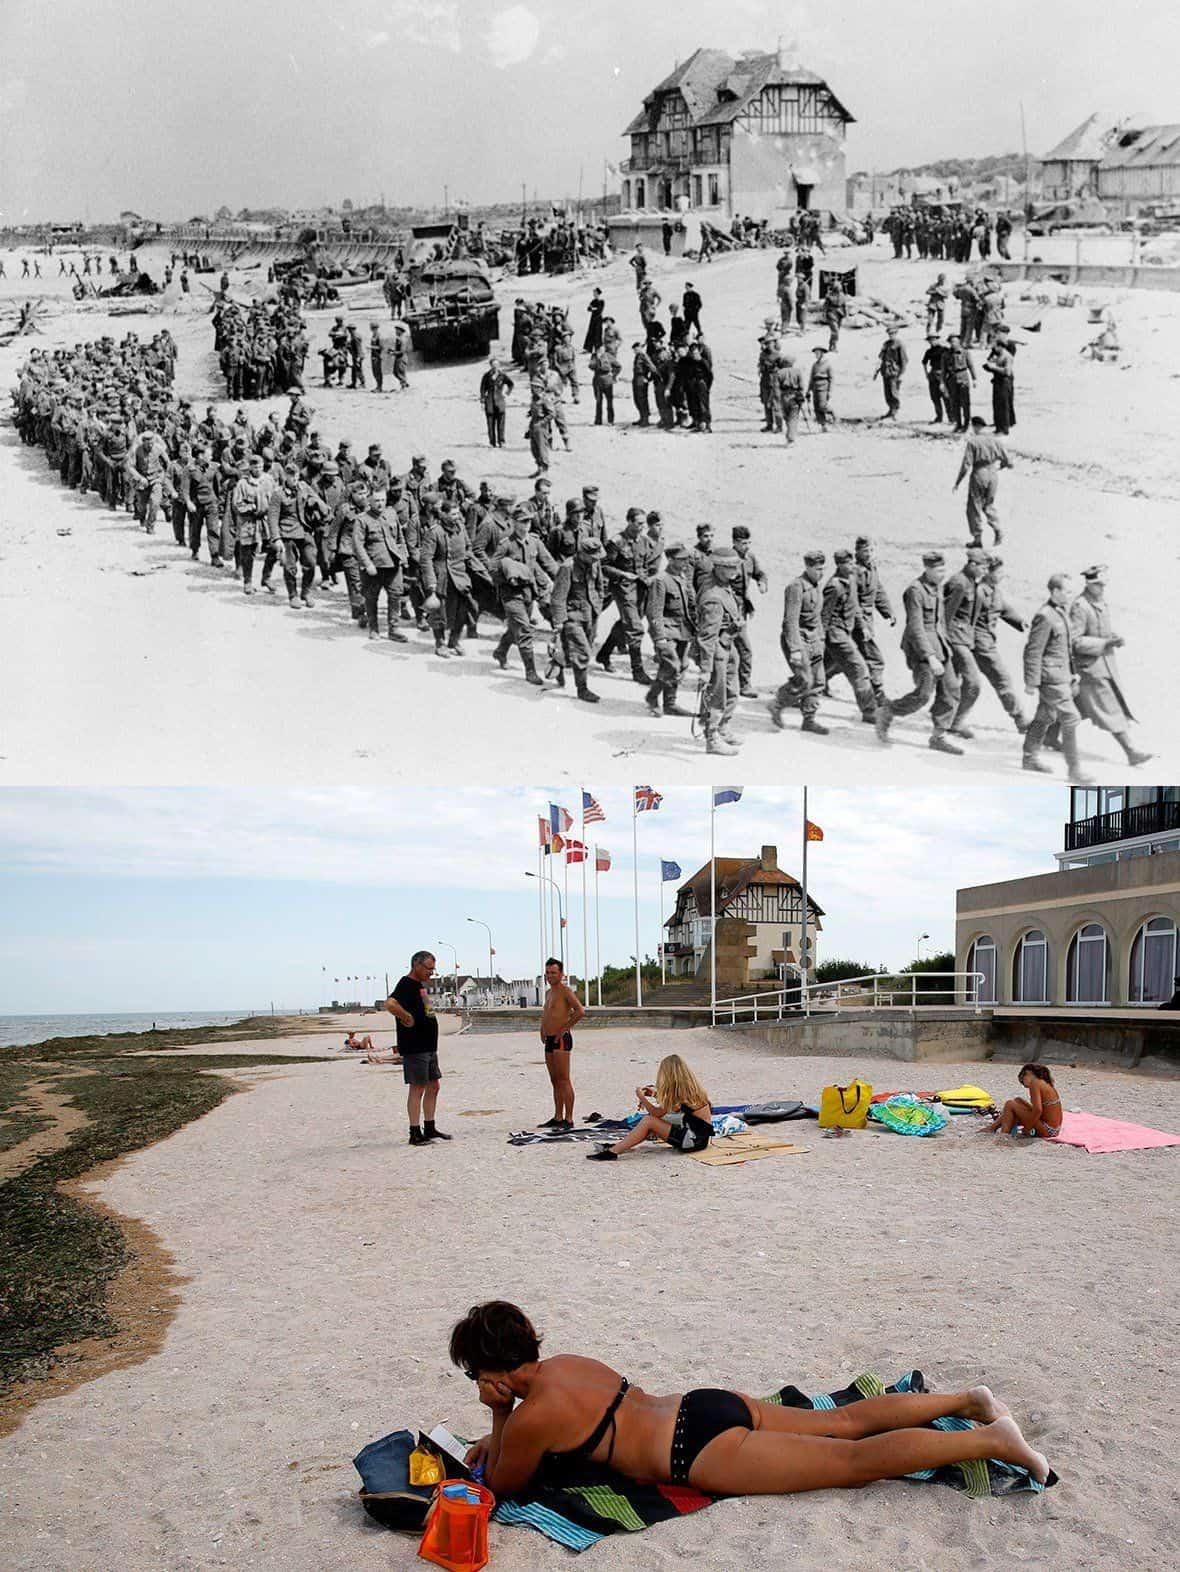 D Day Die Strände Der Normandie Damals Und Heute Dravens Tales